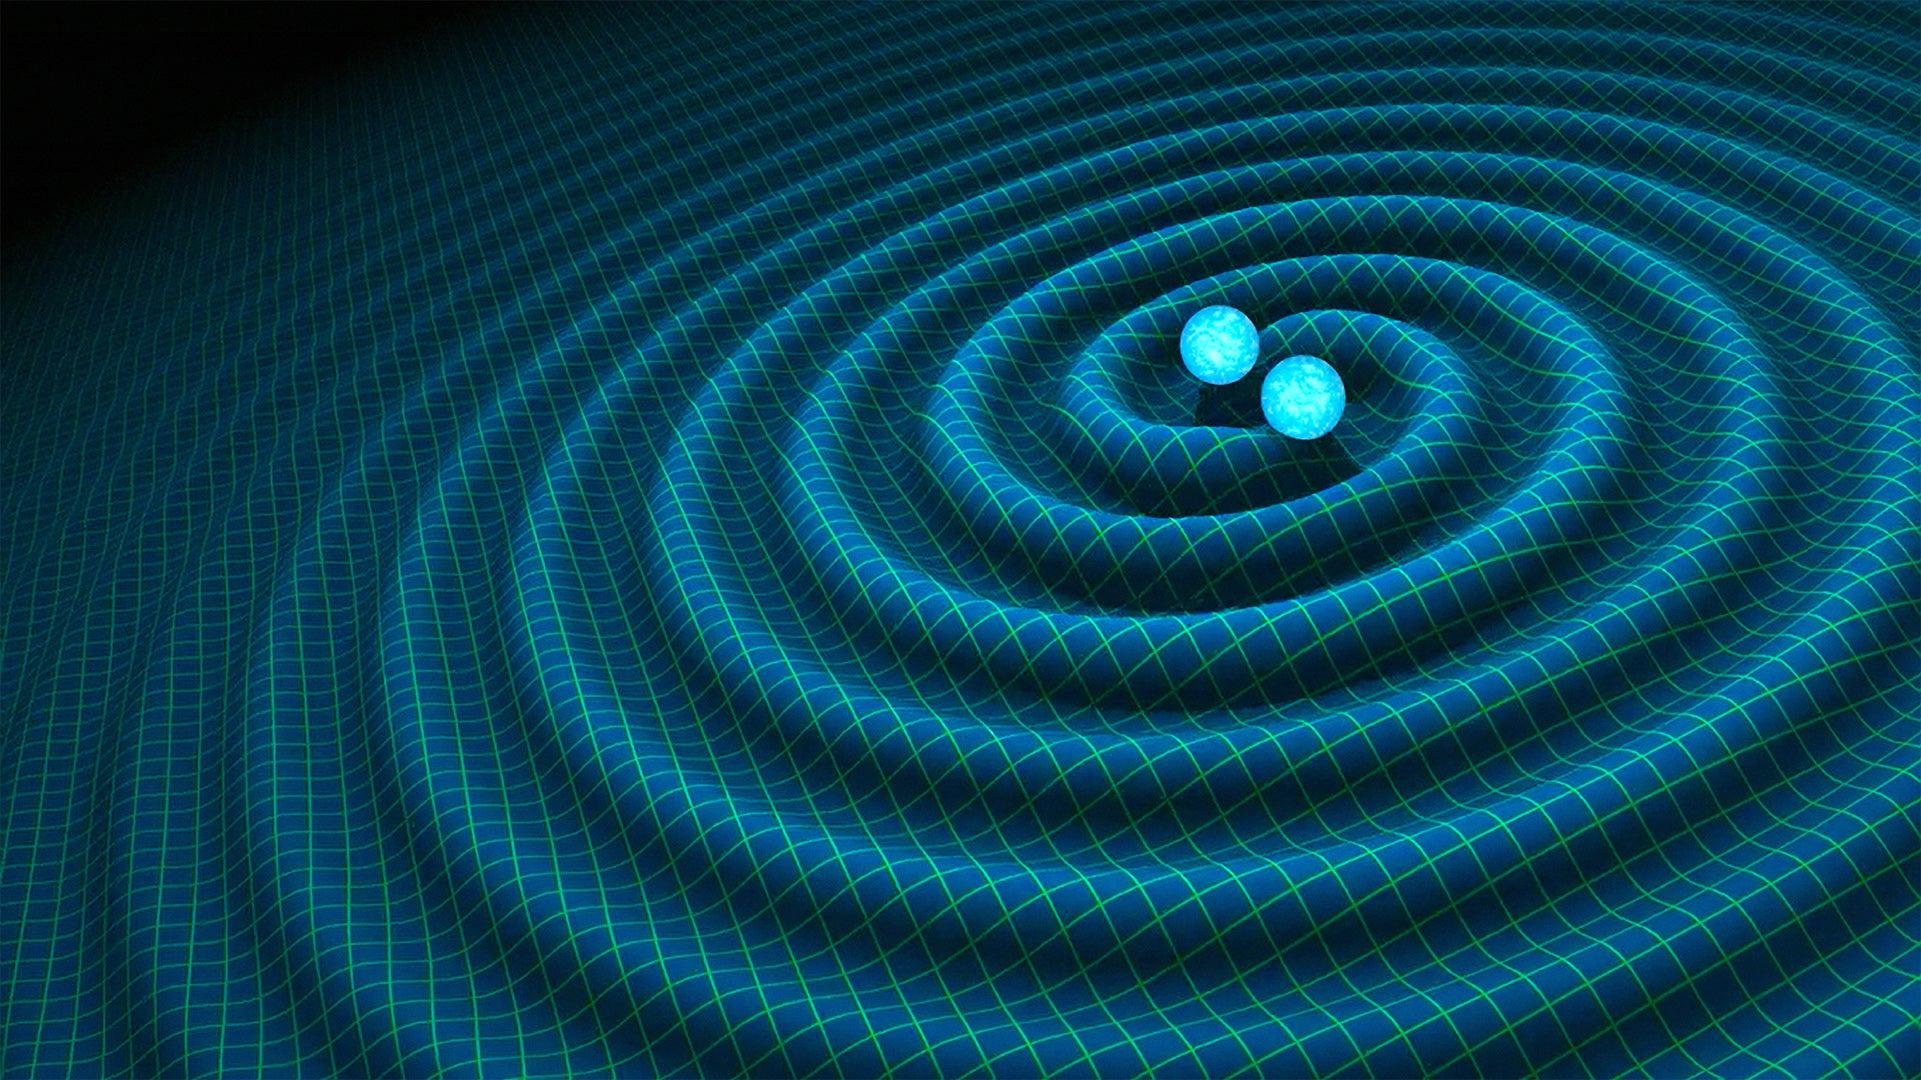 Artist rendering of gravitational waves